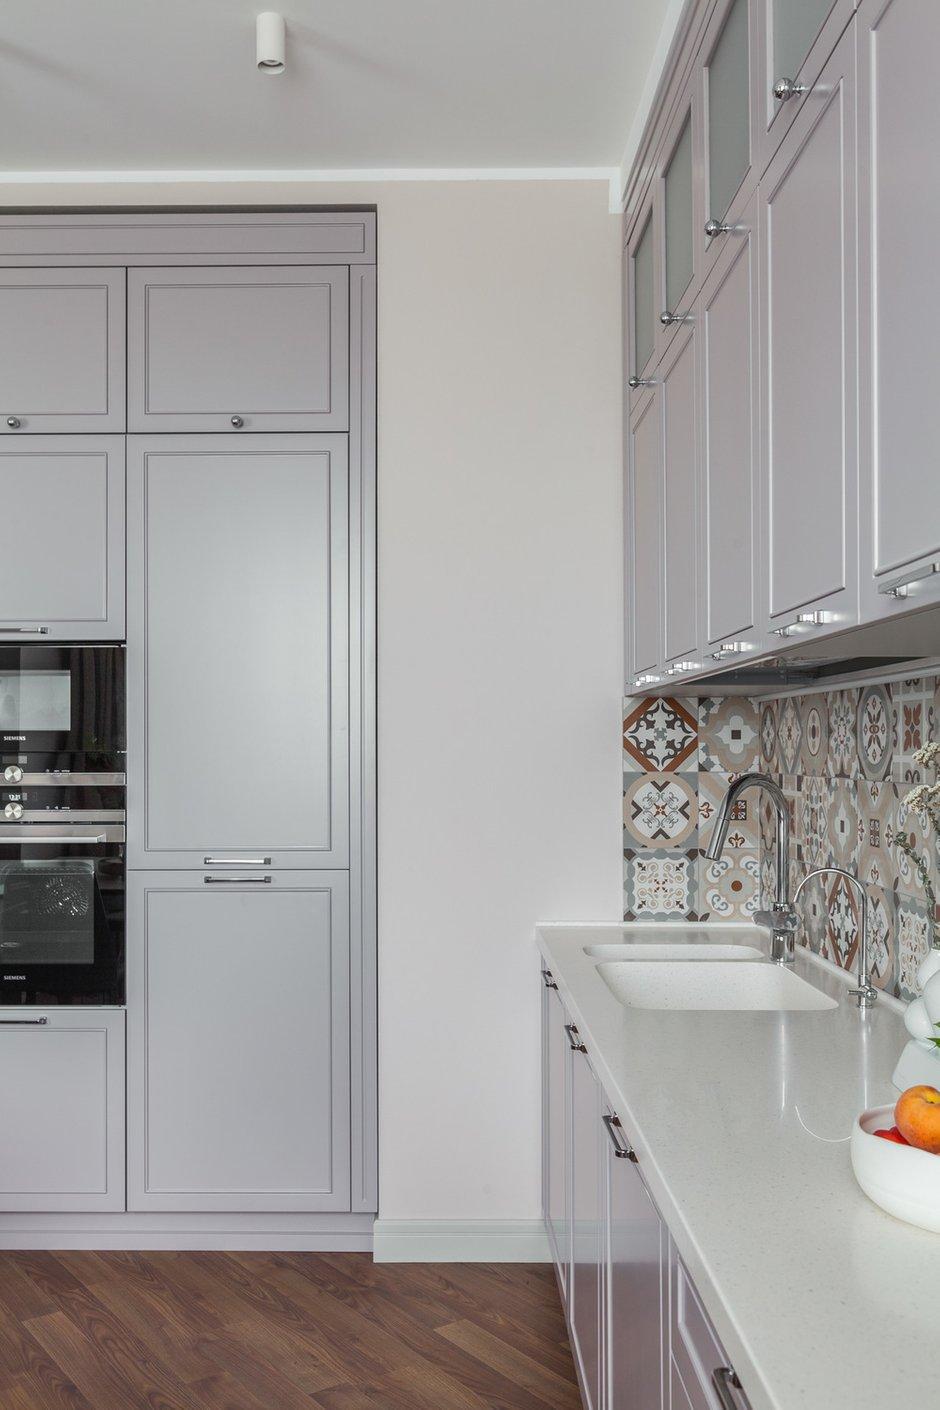 Кухонный гарнитур и корпусную мебель в гостиной изготовила компания Silver Home.